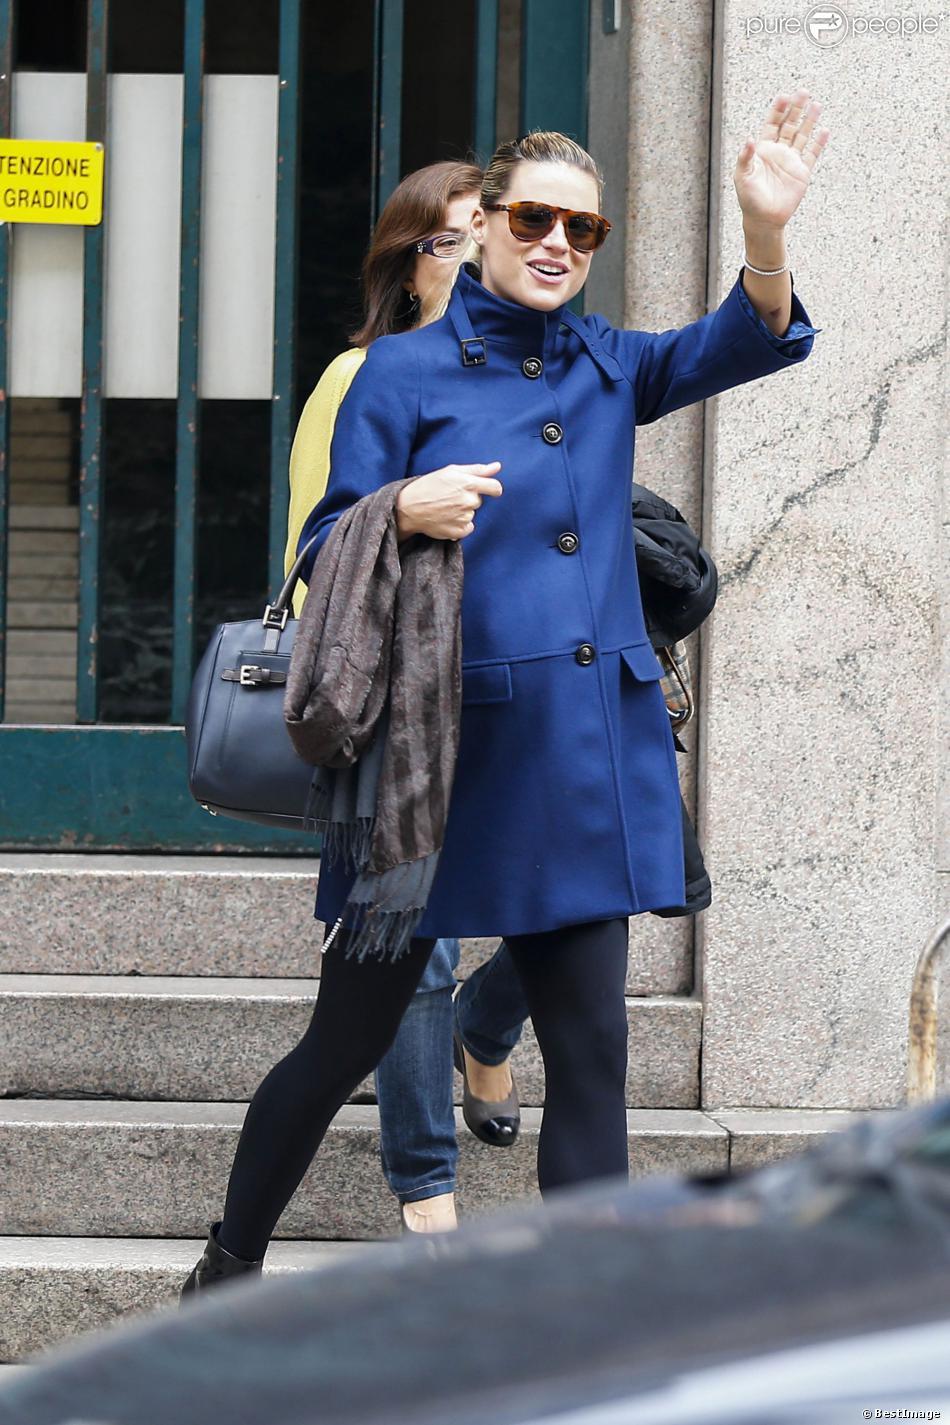 Michelle Hunziker arrive à la très chic maternité Casa di Cura La Madonnina à Milan pour son accouchement, le 9 octobre 2013.